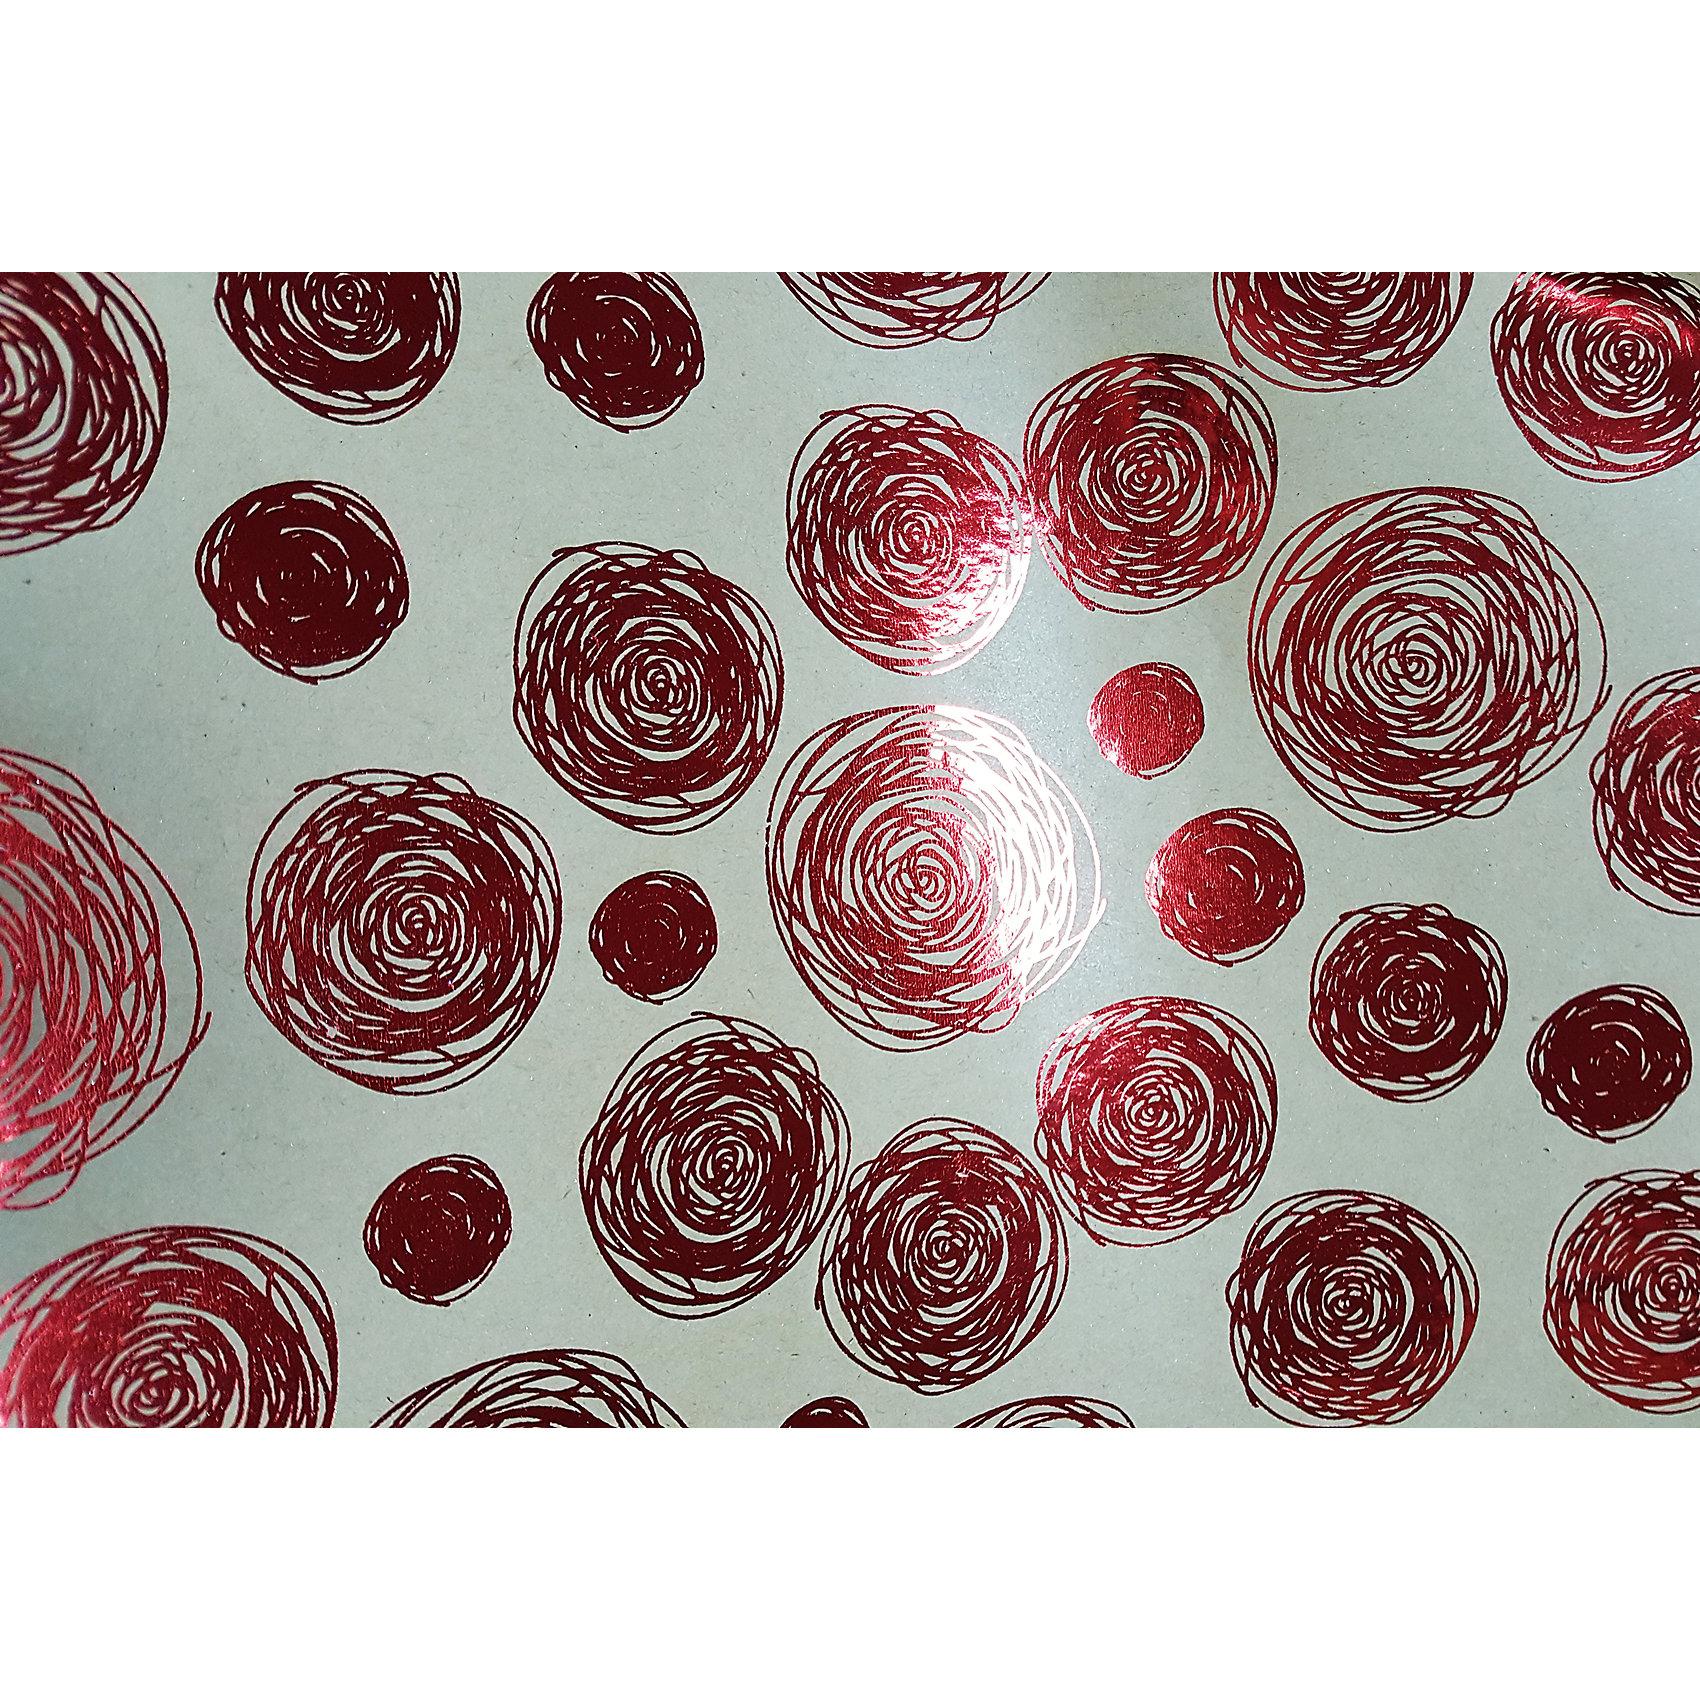 Крафт бумага Красные водовороты для сувенирной продукции в листах от myToys